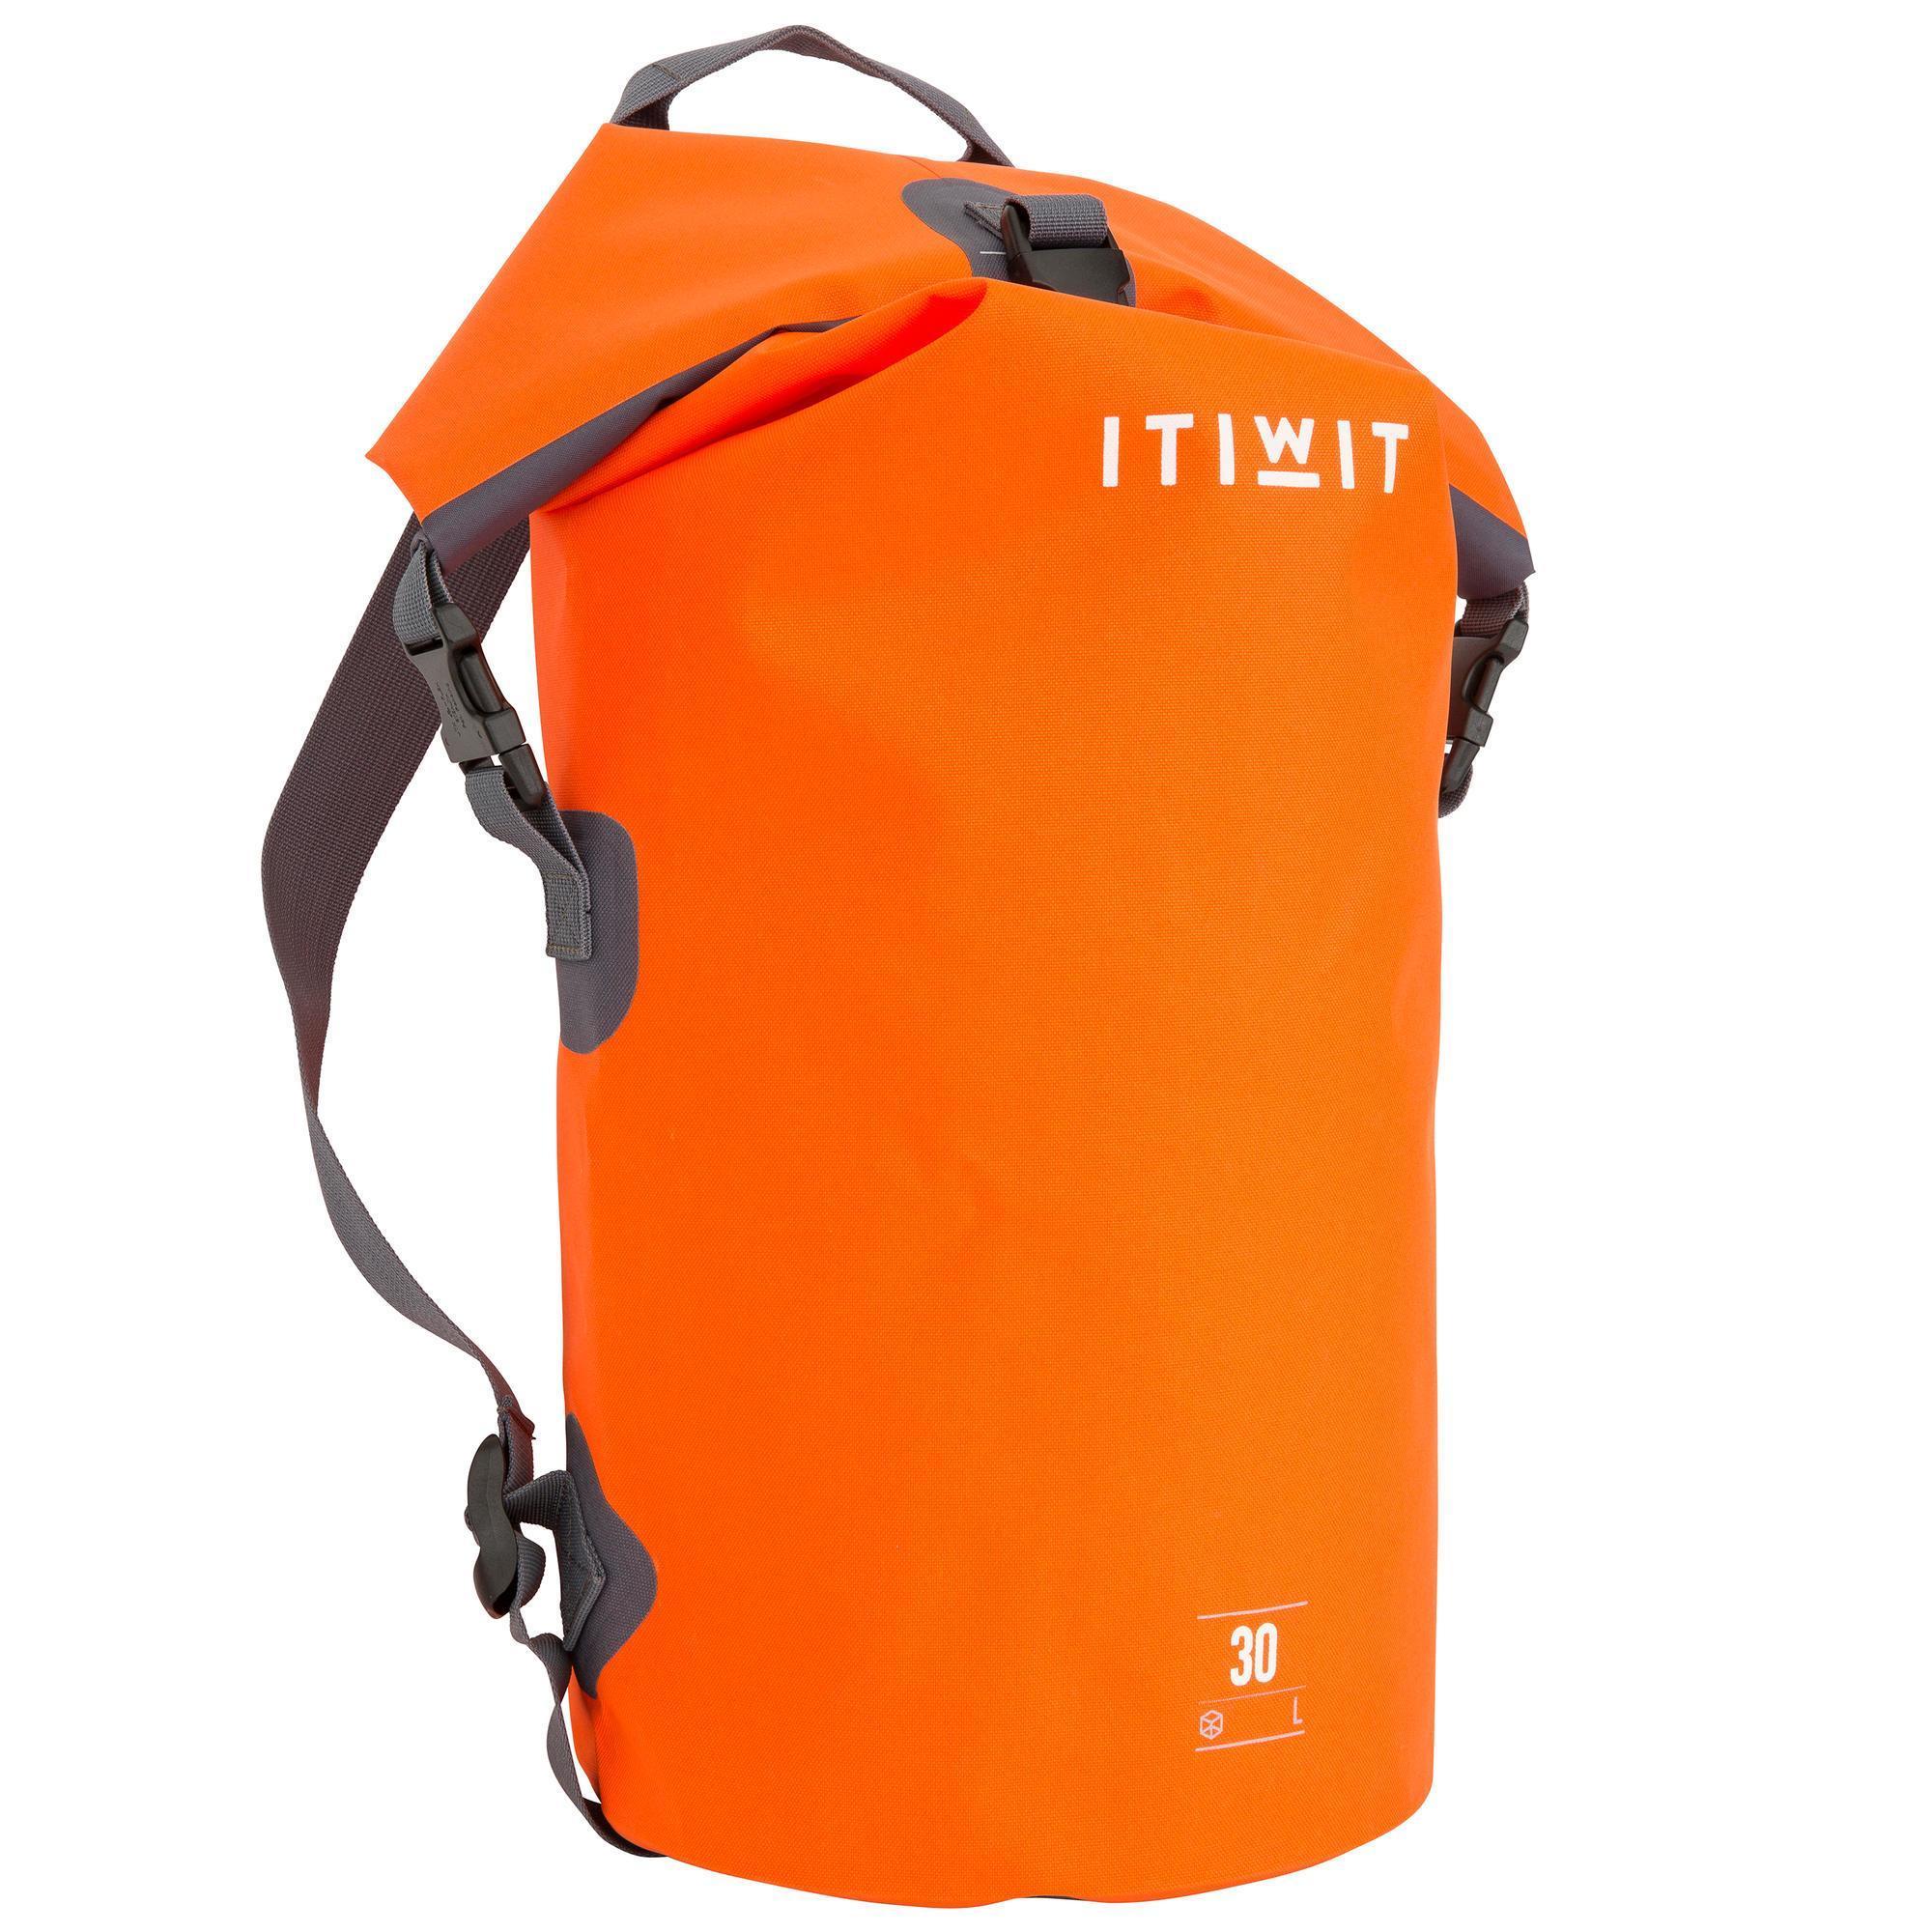 8aa08b5dab4 Itiwit Waterdichte duffel bag 30 l oranje 2018 | Decathlon